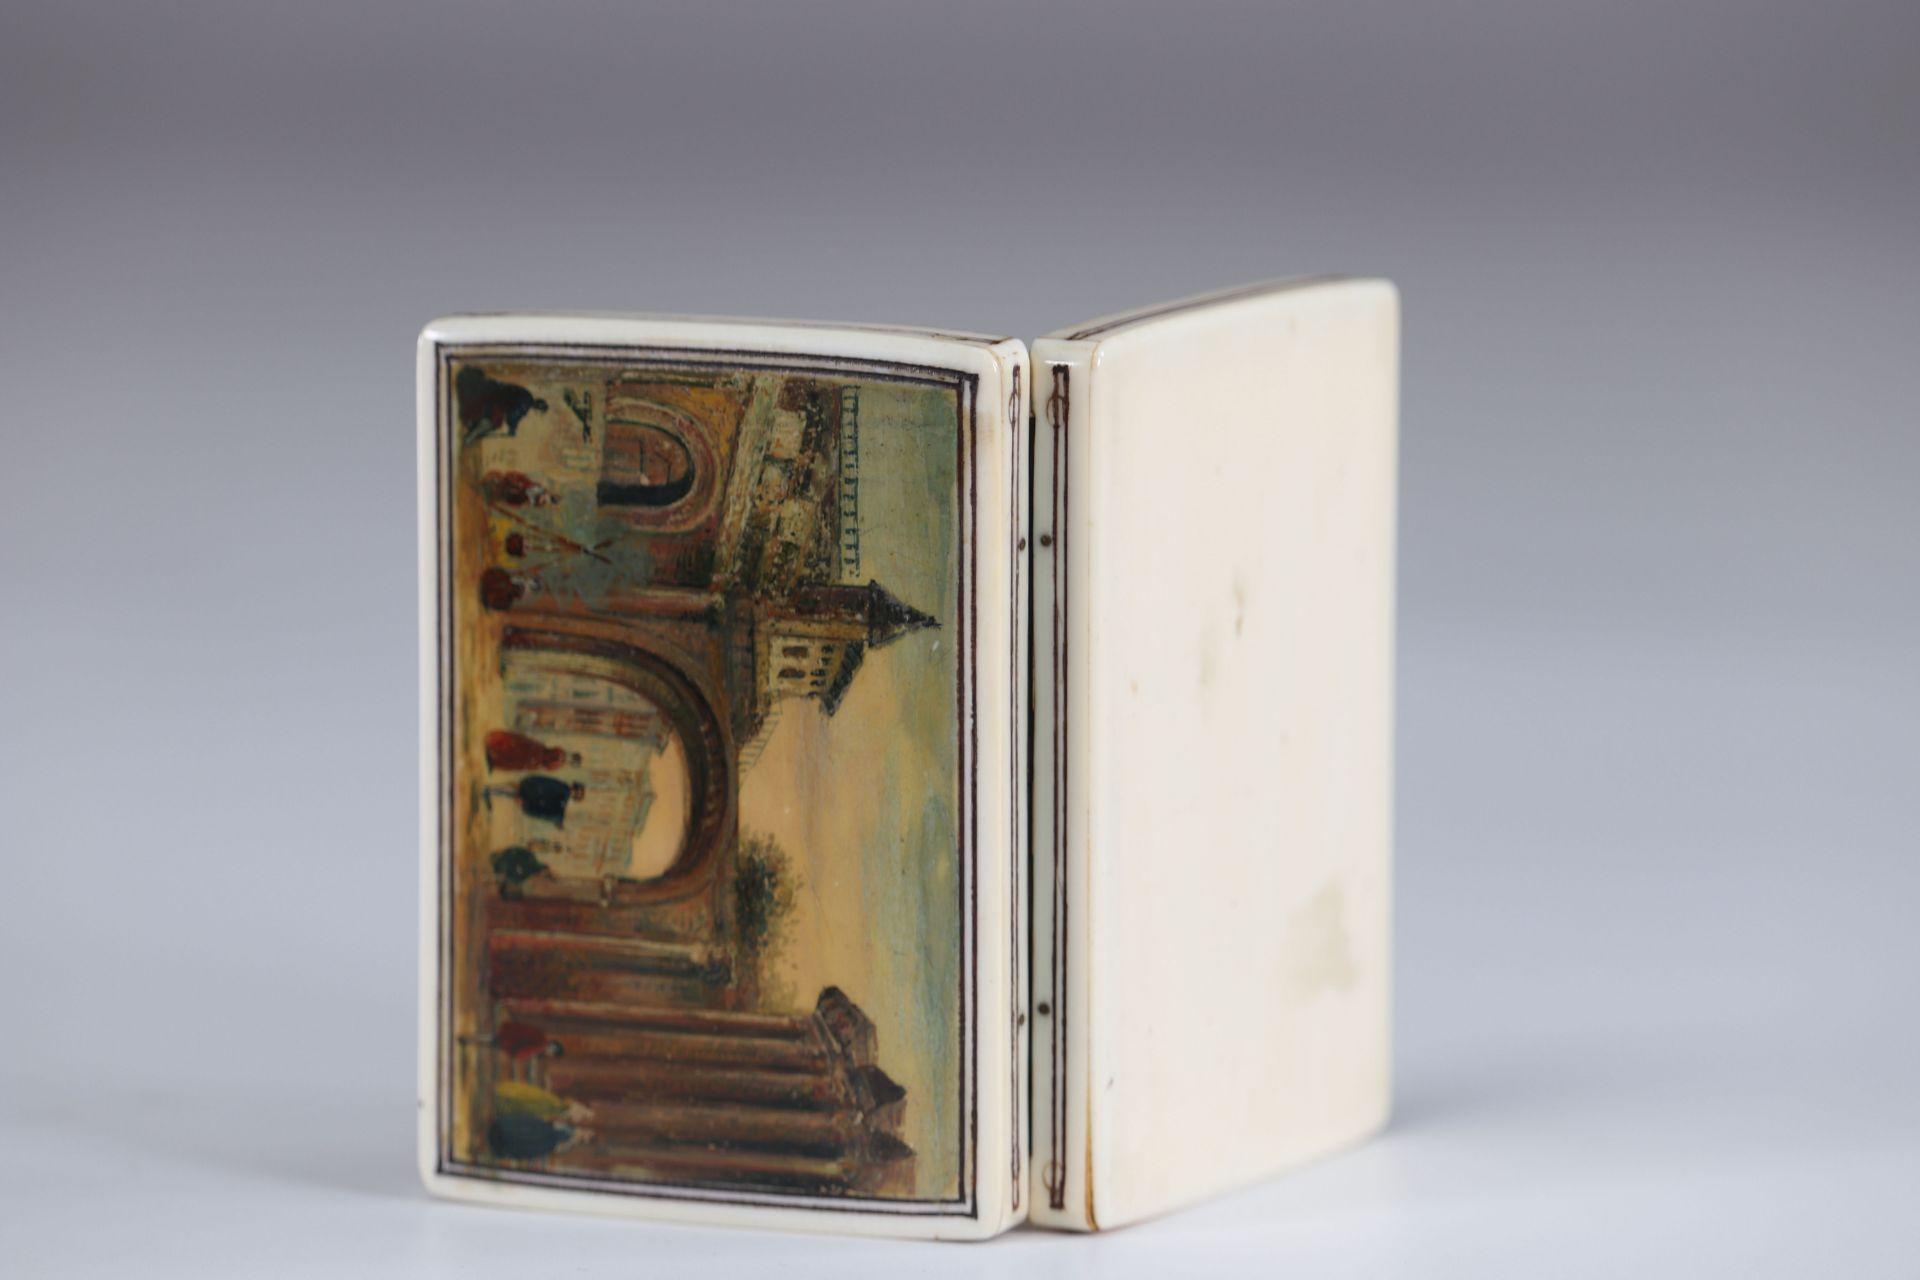 18th century martin varnish box - Image 3 of 3